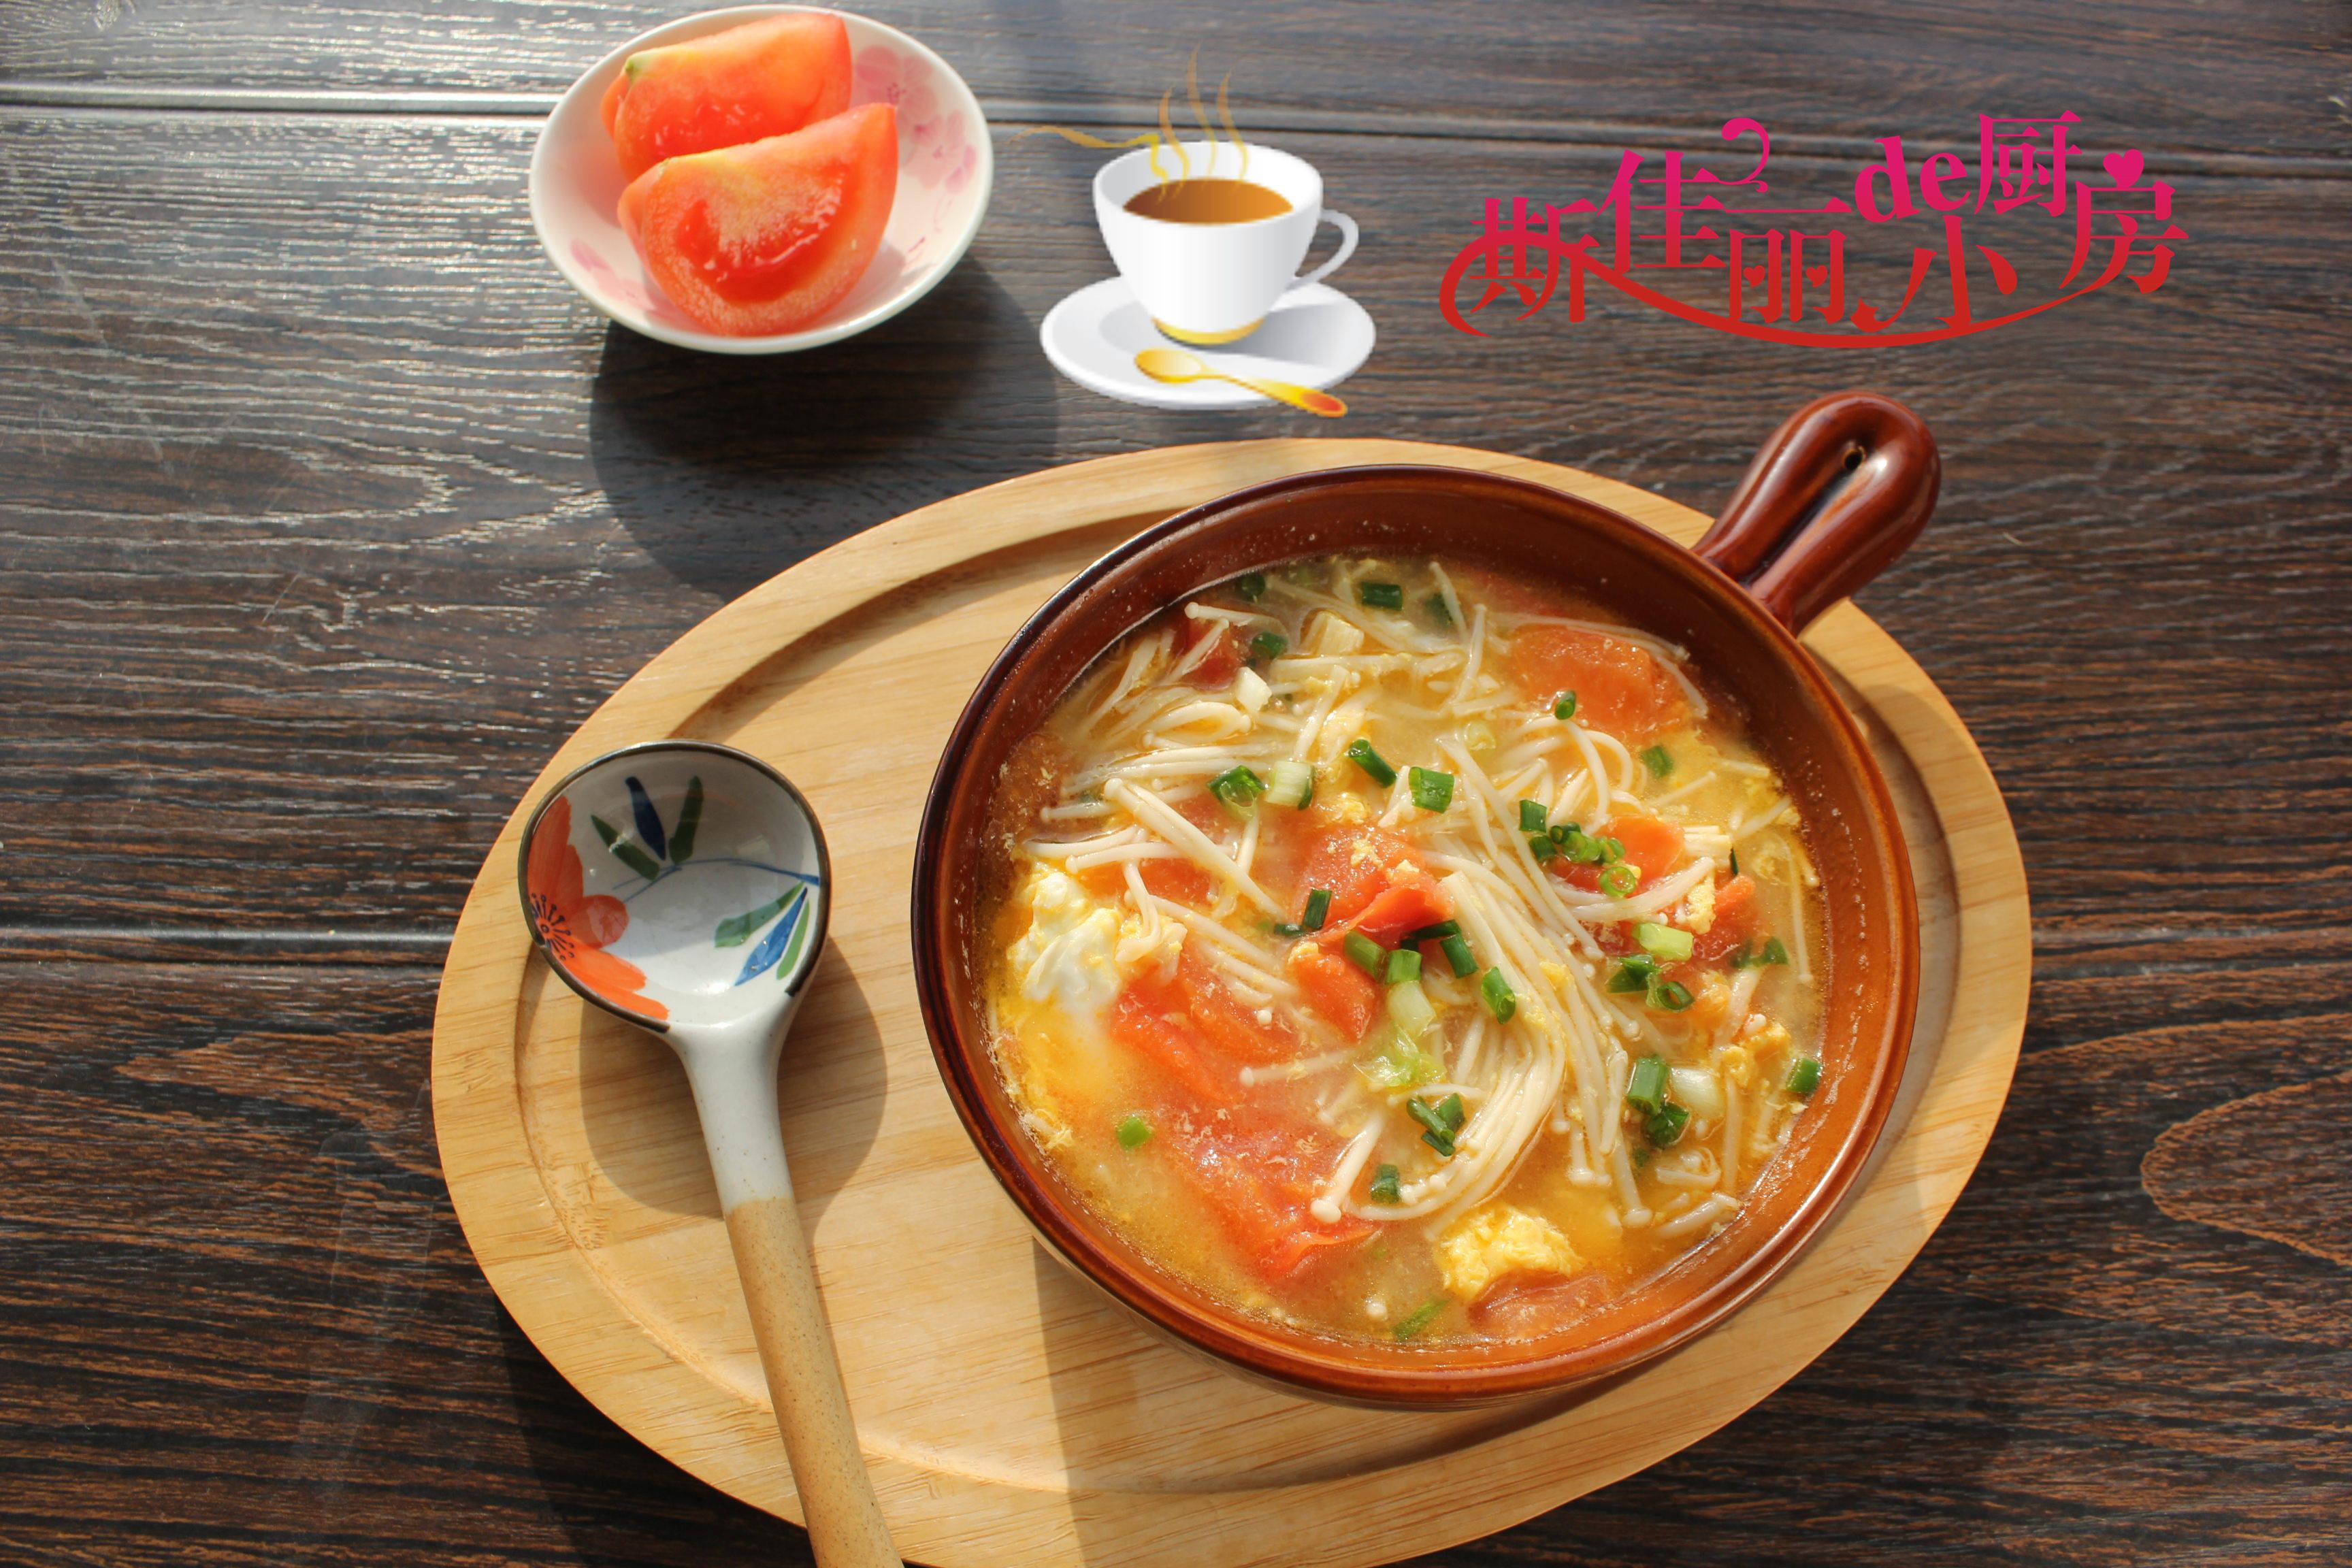 天冷要多喝汤,这汤好喝好做,5元做一锅全家喝个够,鲜美又便宜